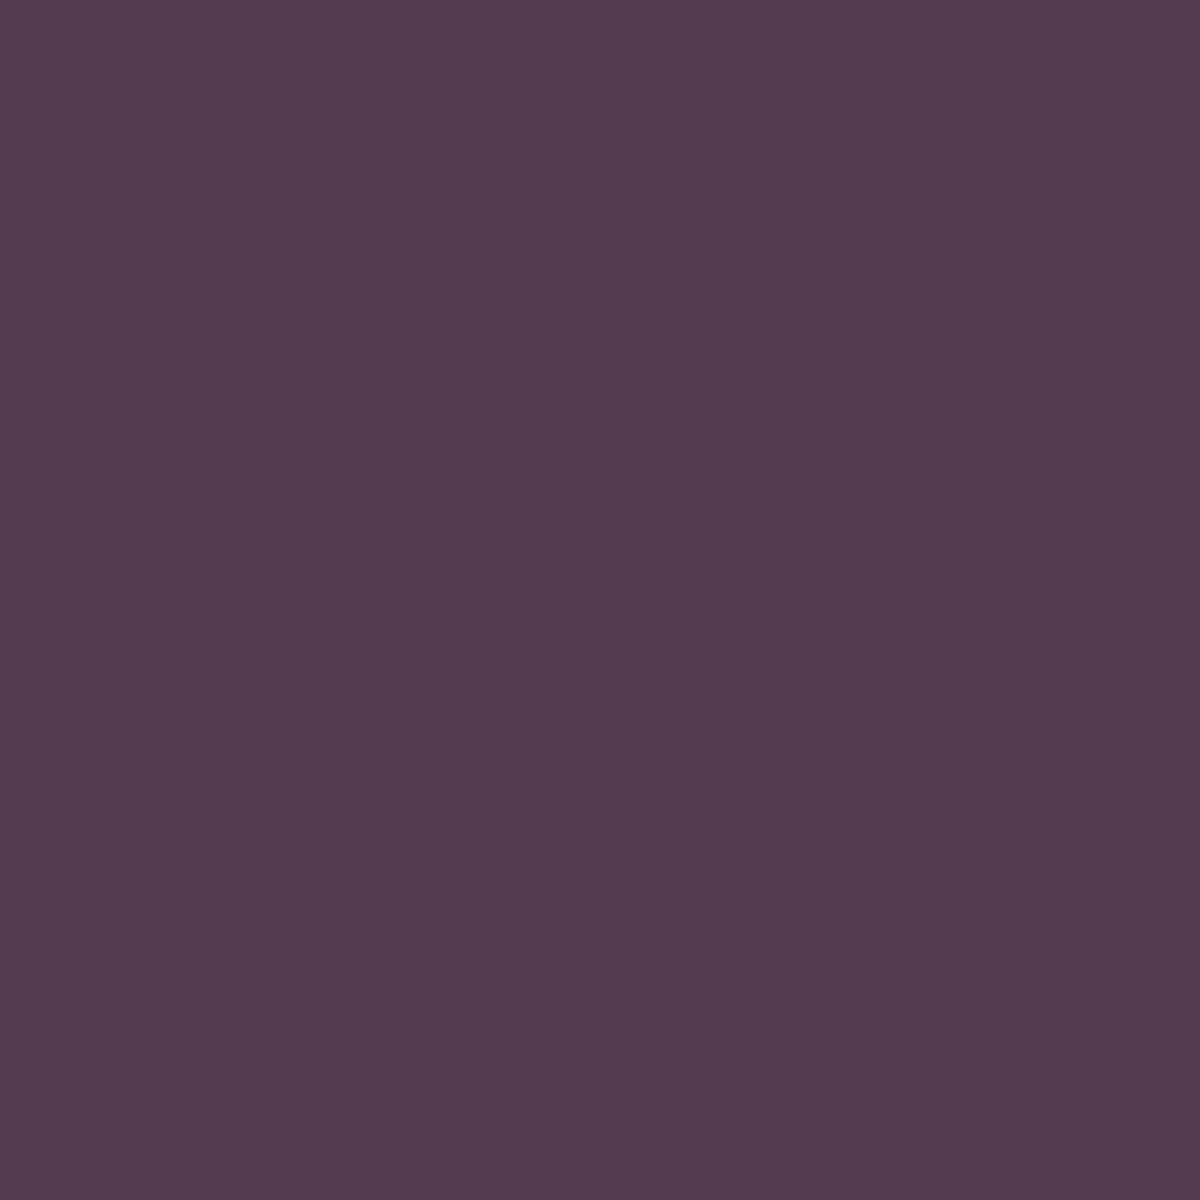 Vopsea lavabilă Chalkboard Autumn Purple, Benjamin Moore, 1 litru / cutie